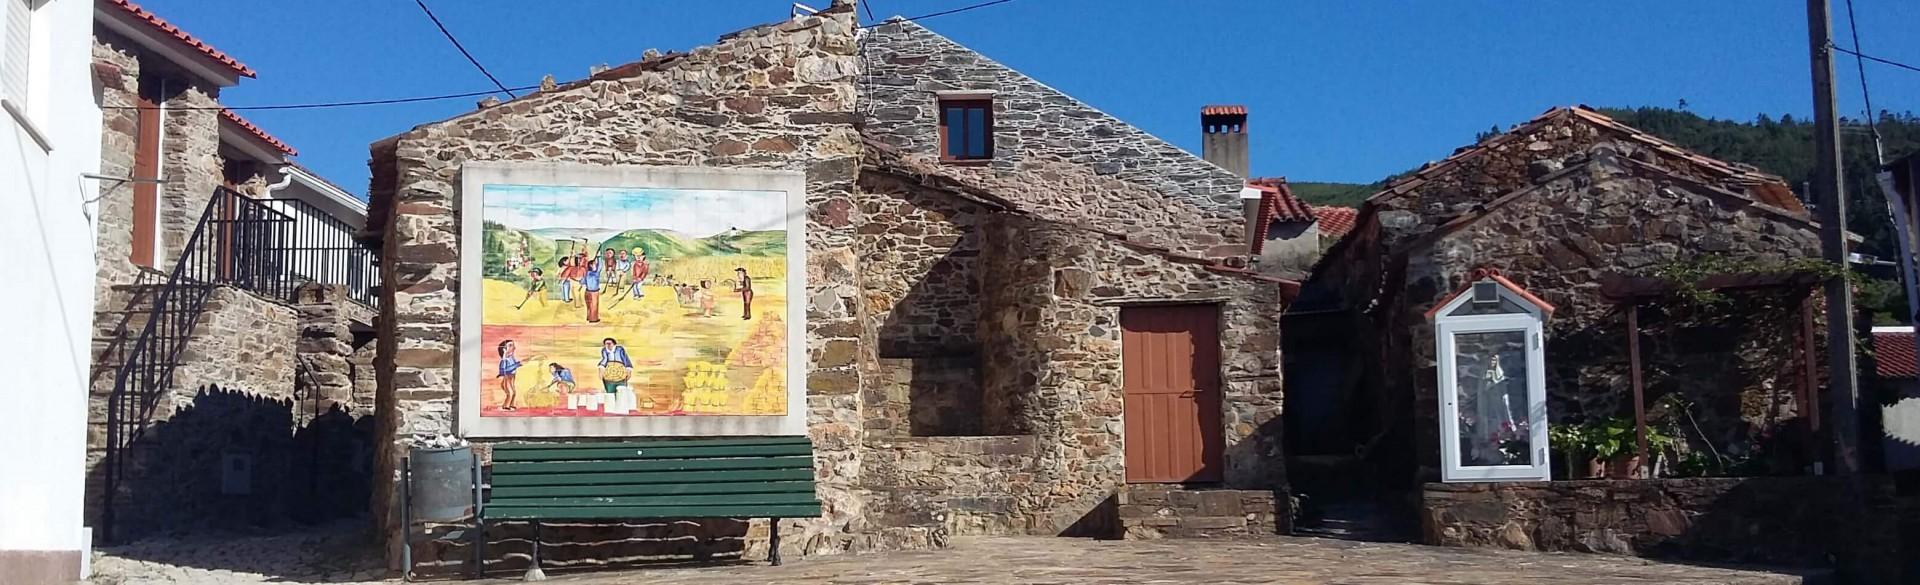 Casa da Ameixeira - Casas dos Carregais